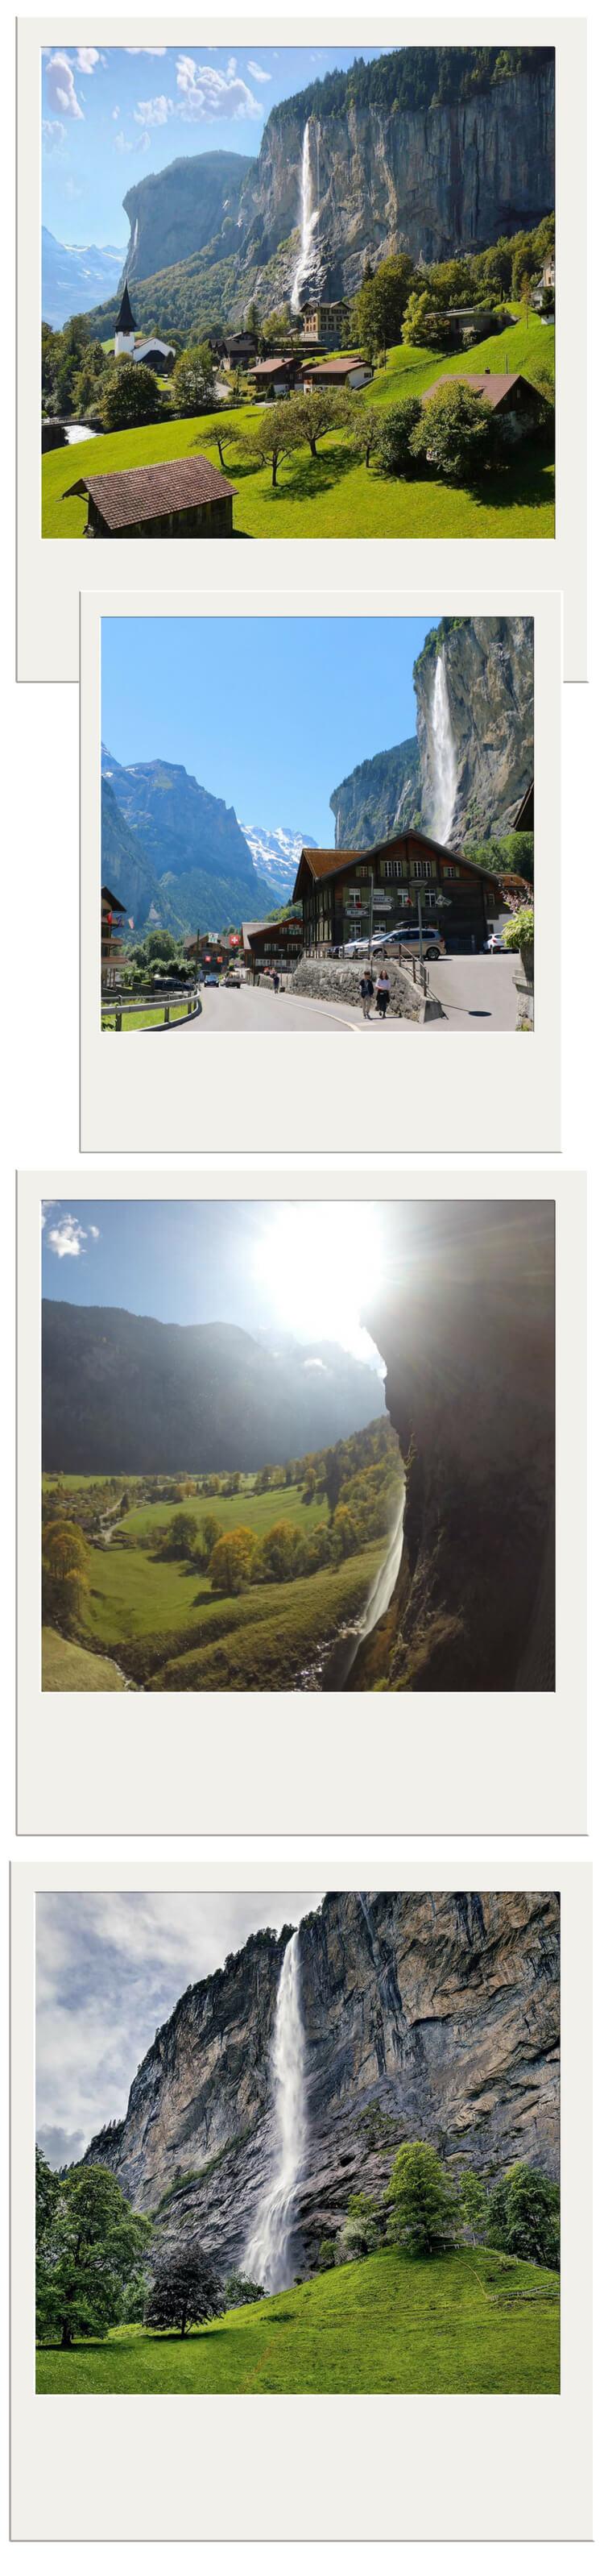 lauterbrunnen-dicas-onde-ir-cachoeira